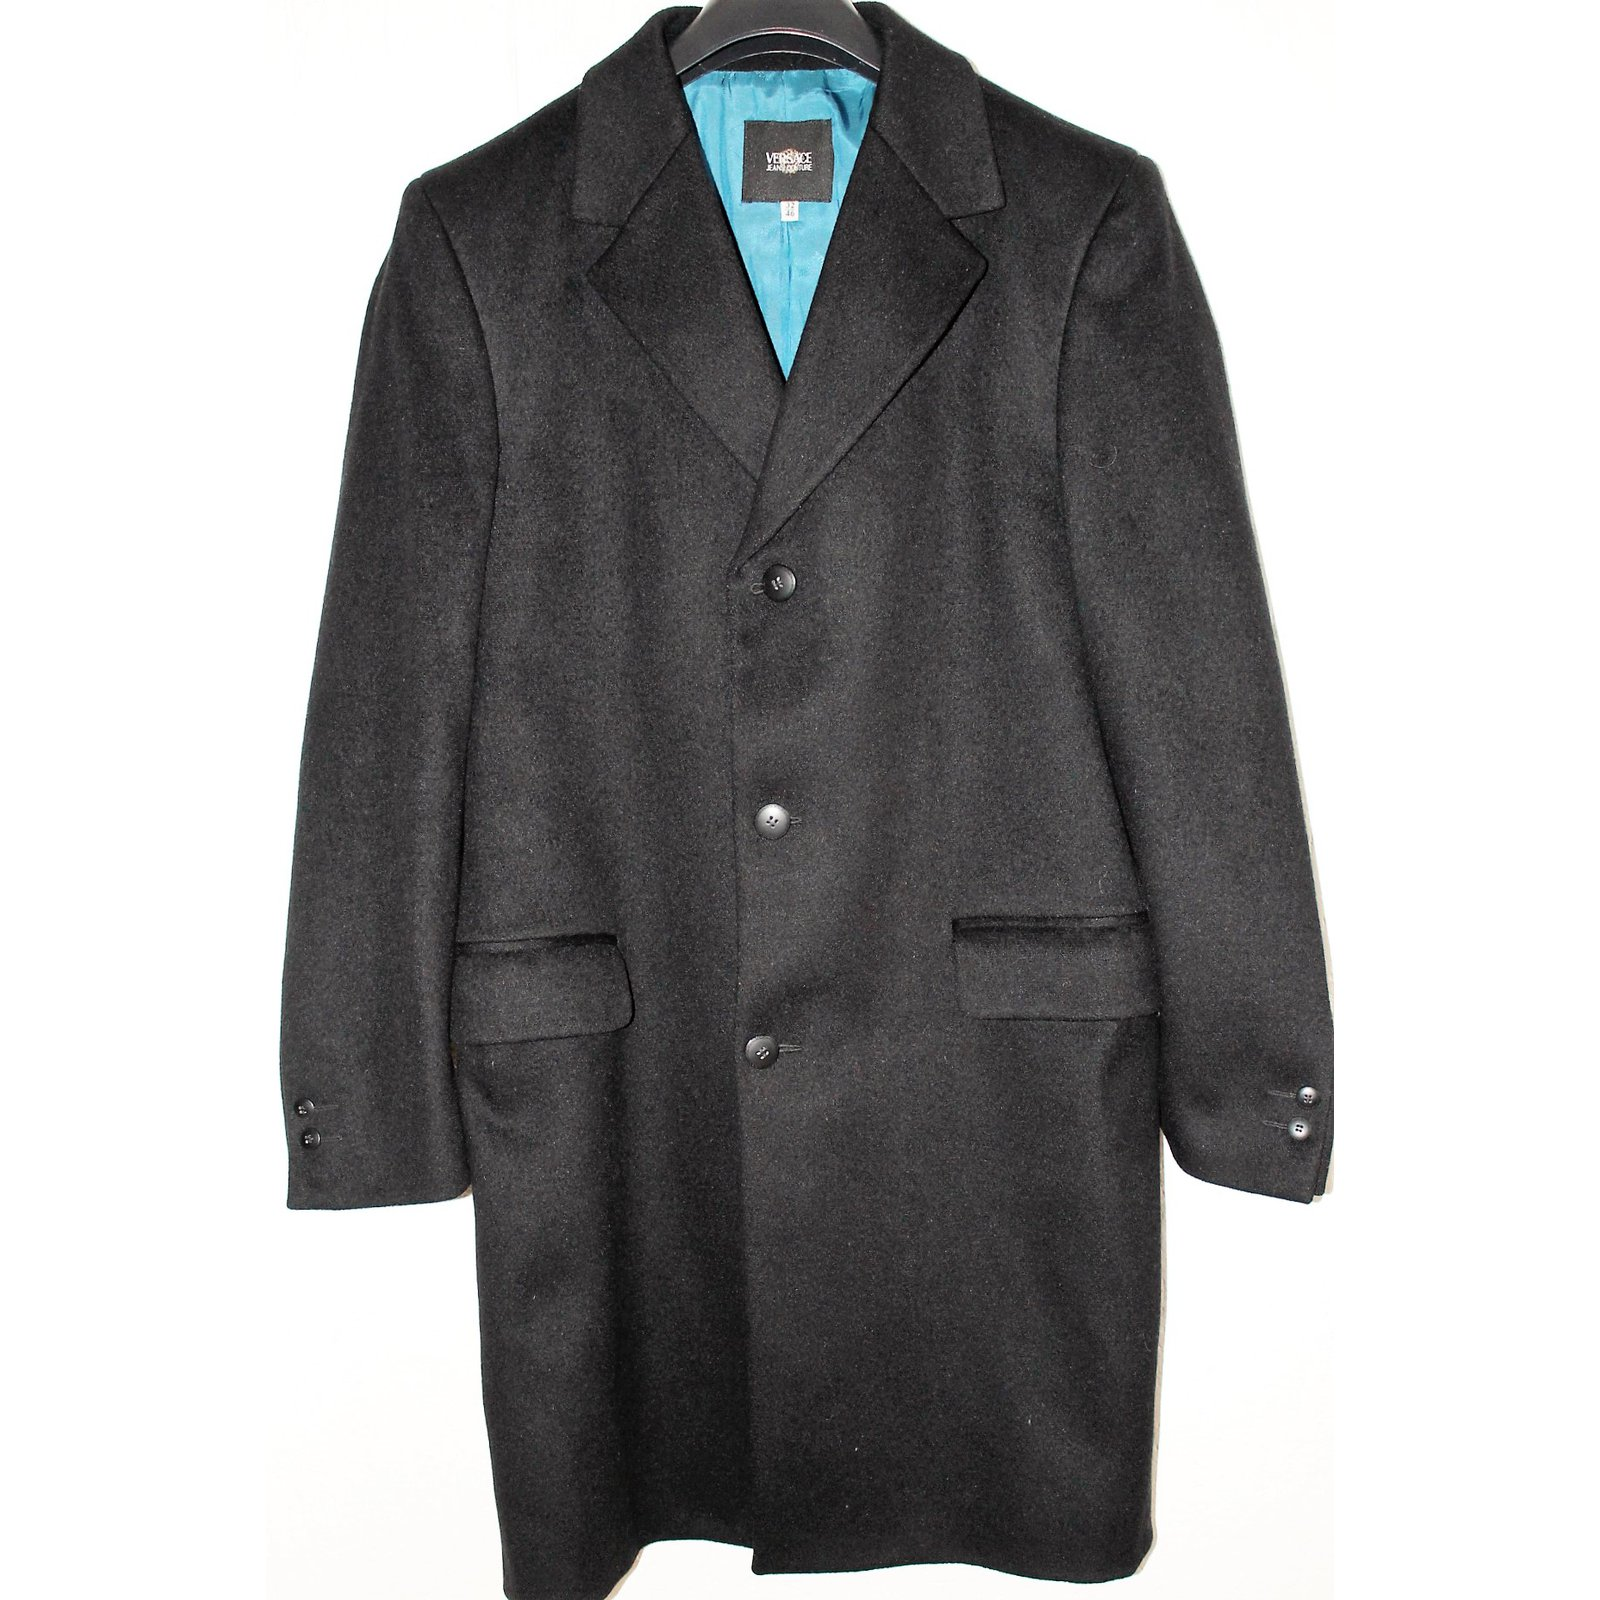 manteaux homme versace manteau laine noir joli closet. Black Bedroom Furniture Sets. Home Design Ideas